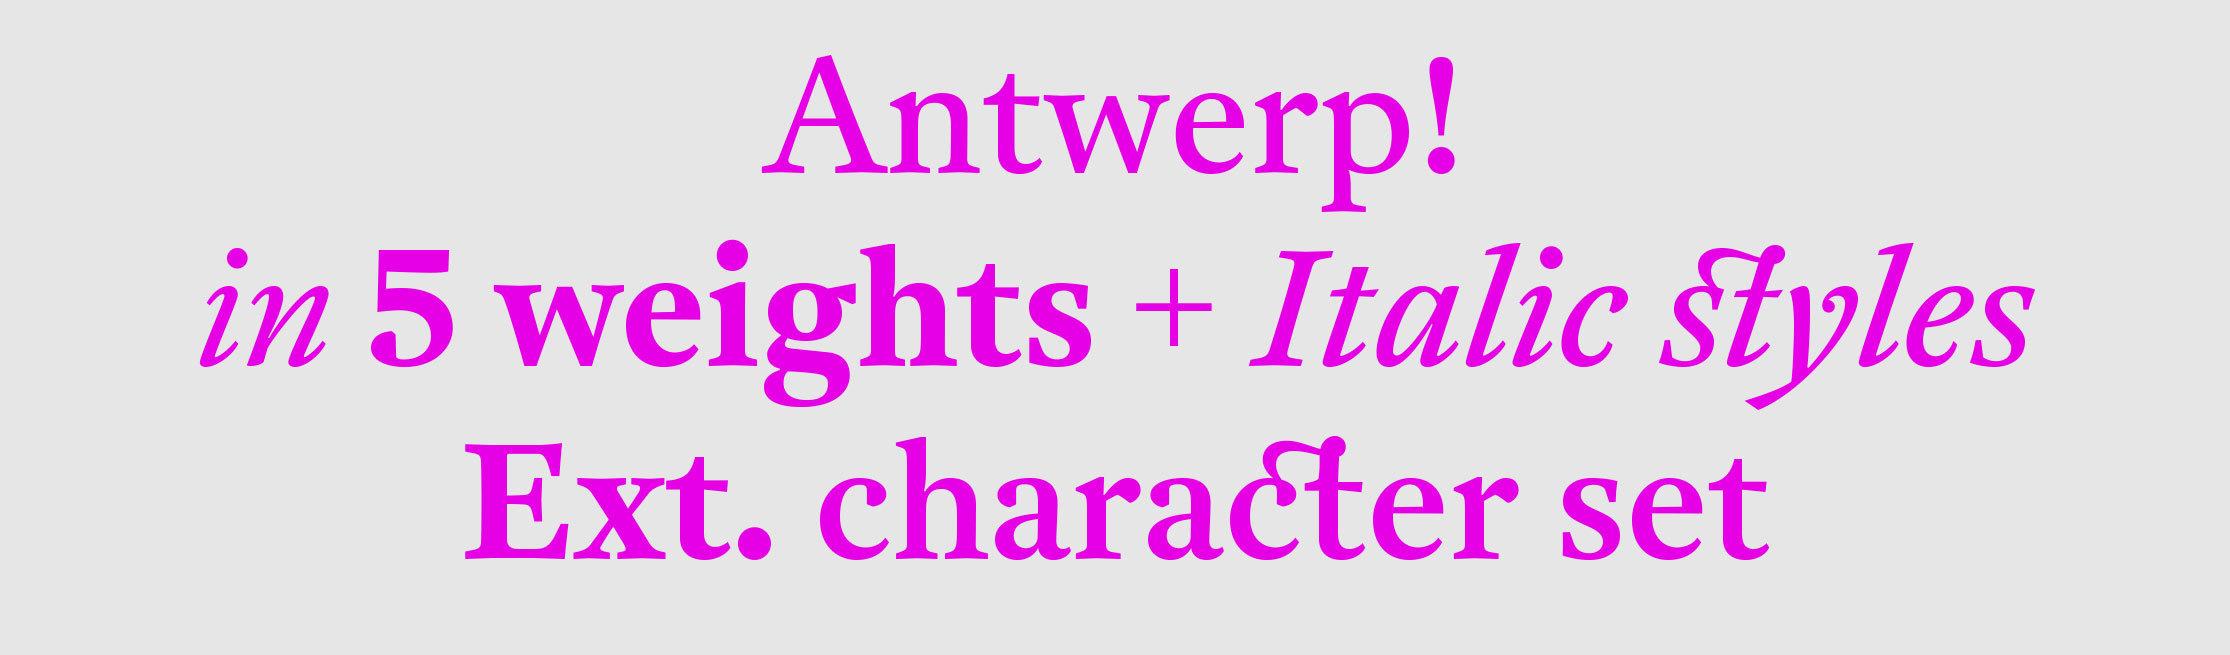 Antwerp sample